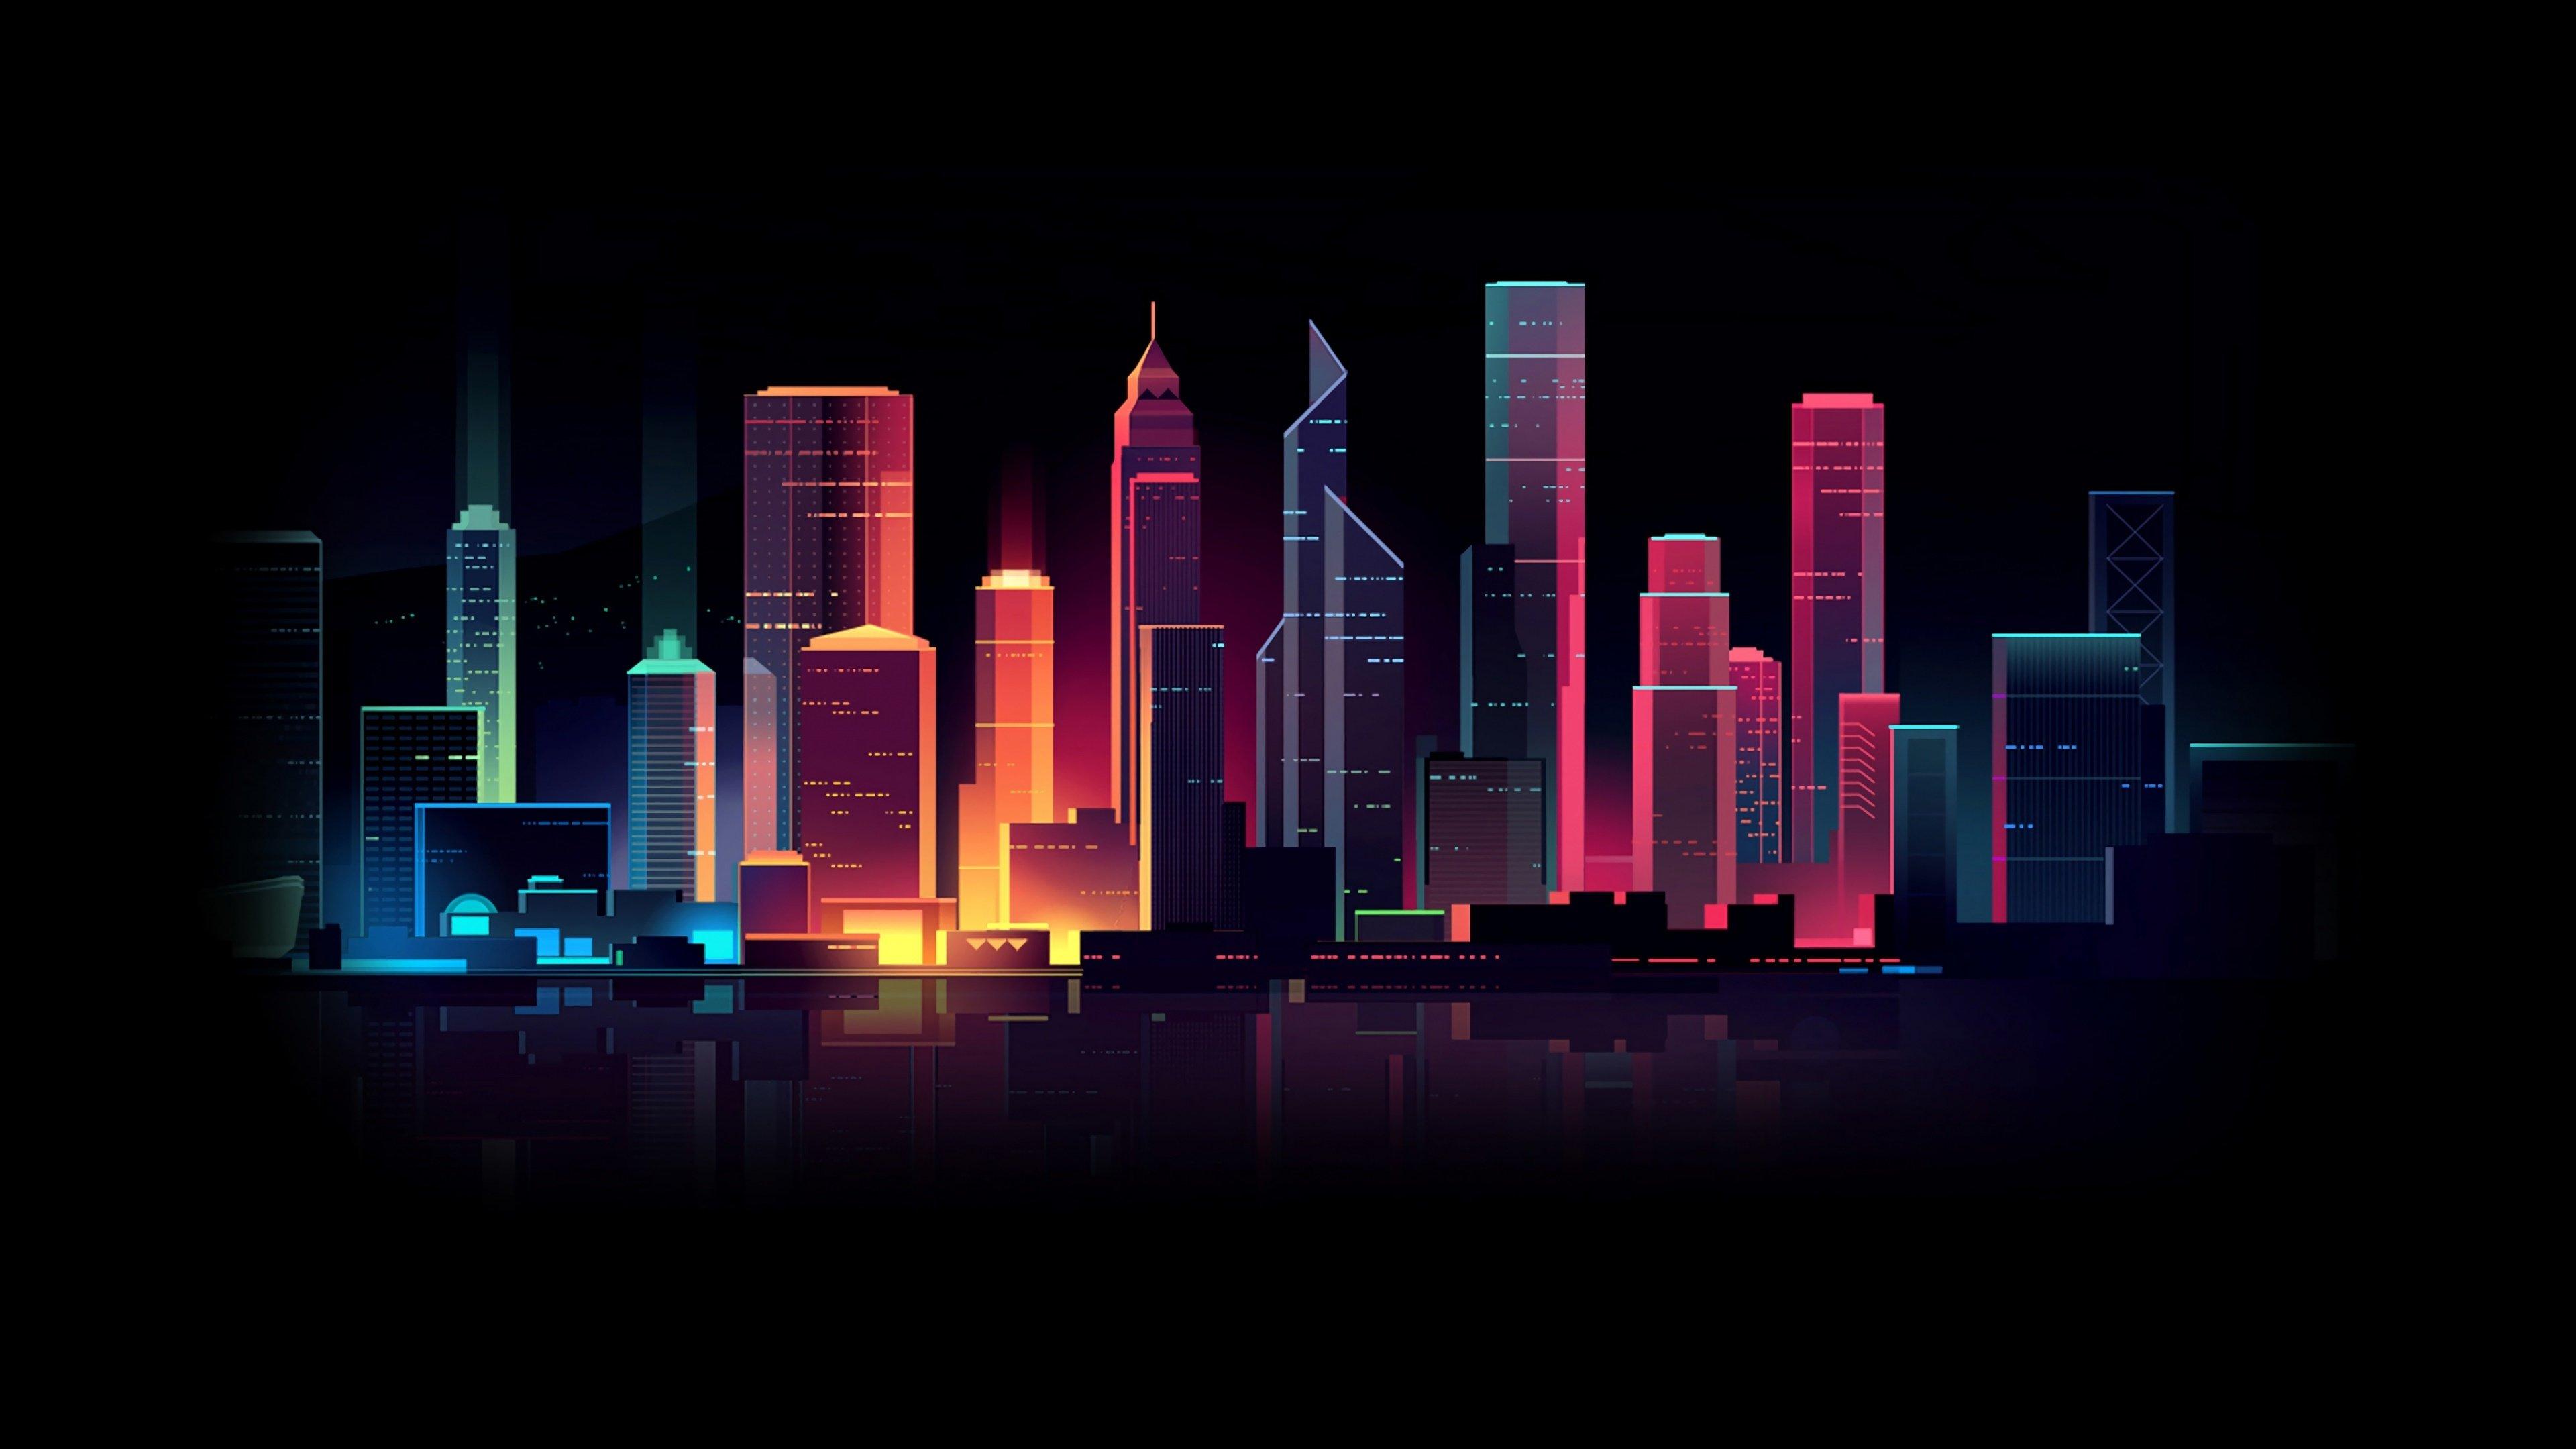 Fondos de pantalla Ciudad colores Neon